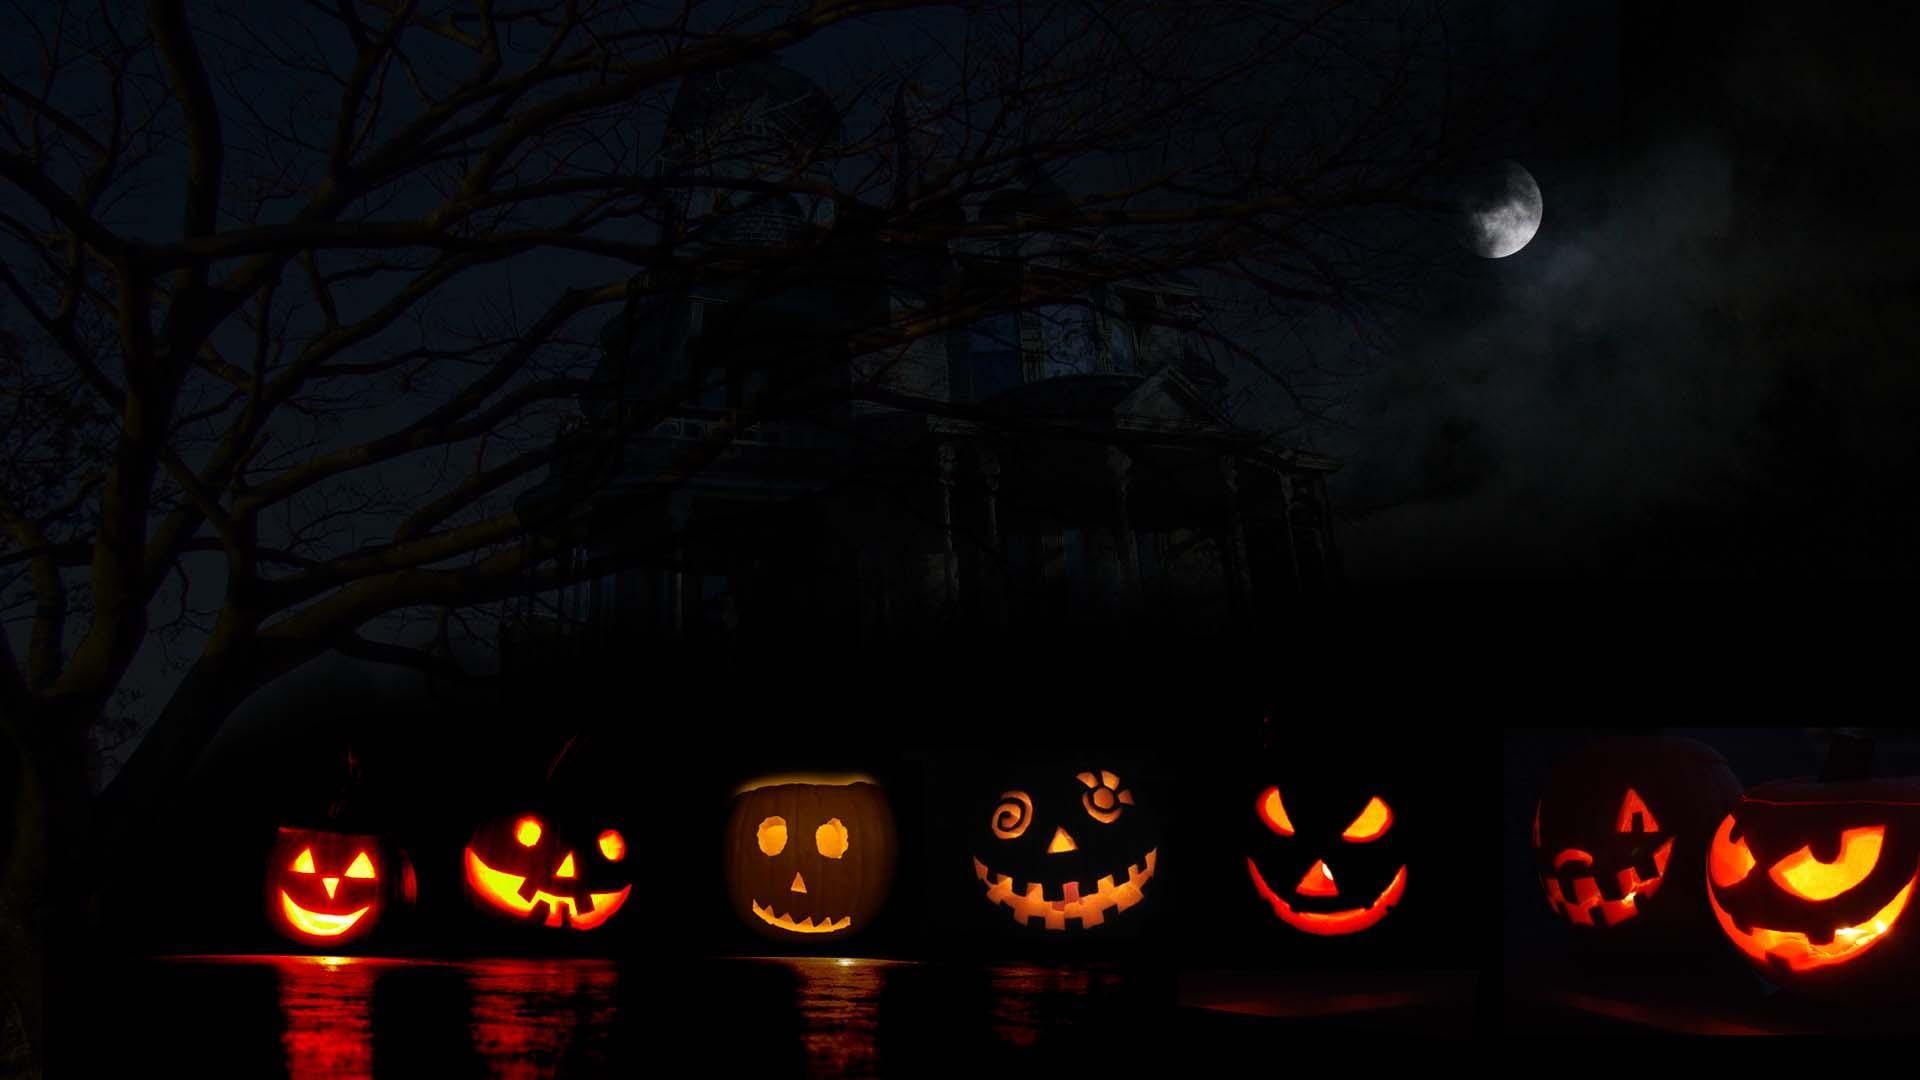 Halloween Jacks Pumpkin Jack O Lantern Halloween Moon Haunted 3d And Abstrac Halloween Desktop Wallpaper Pumpkin Wallpaper Halloween Wallpaper Backgrounds